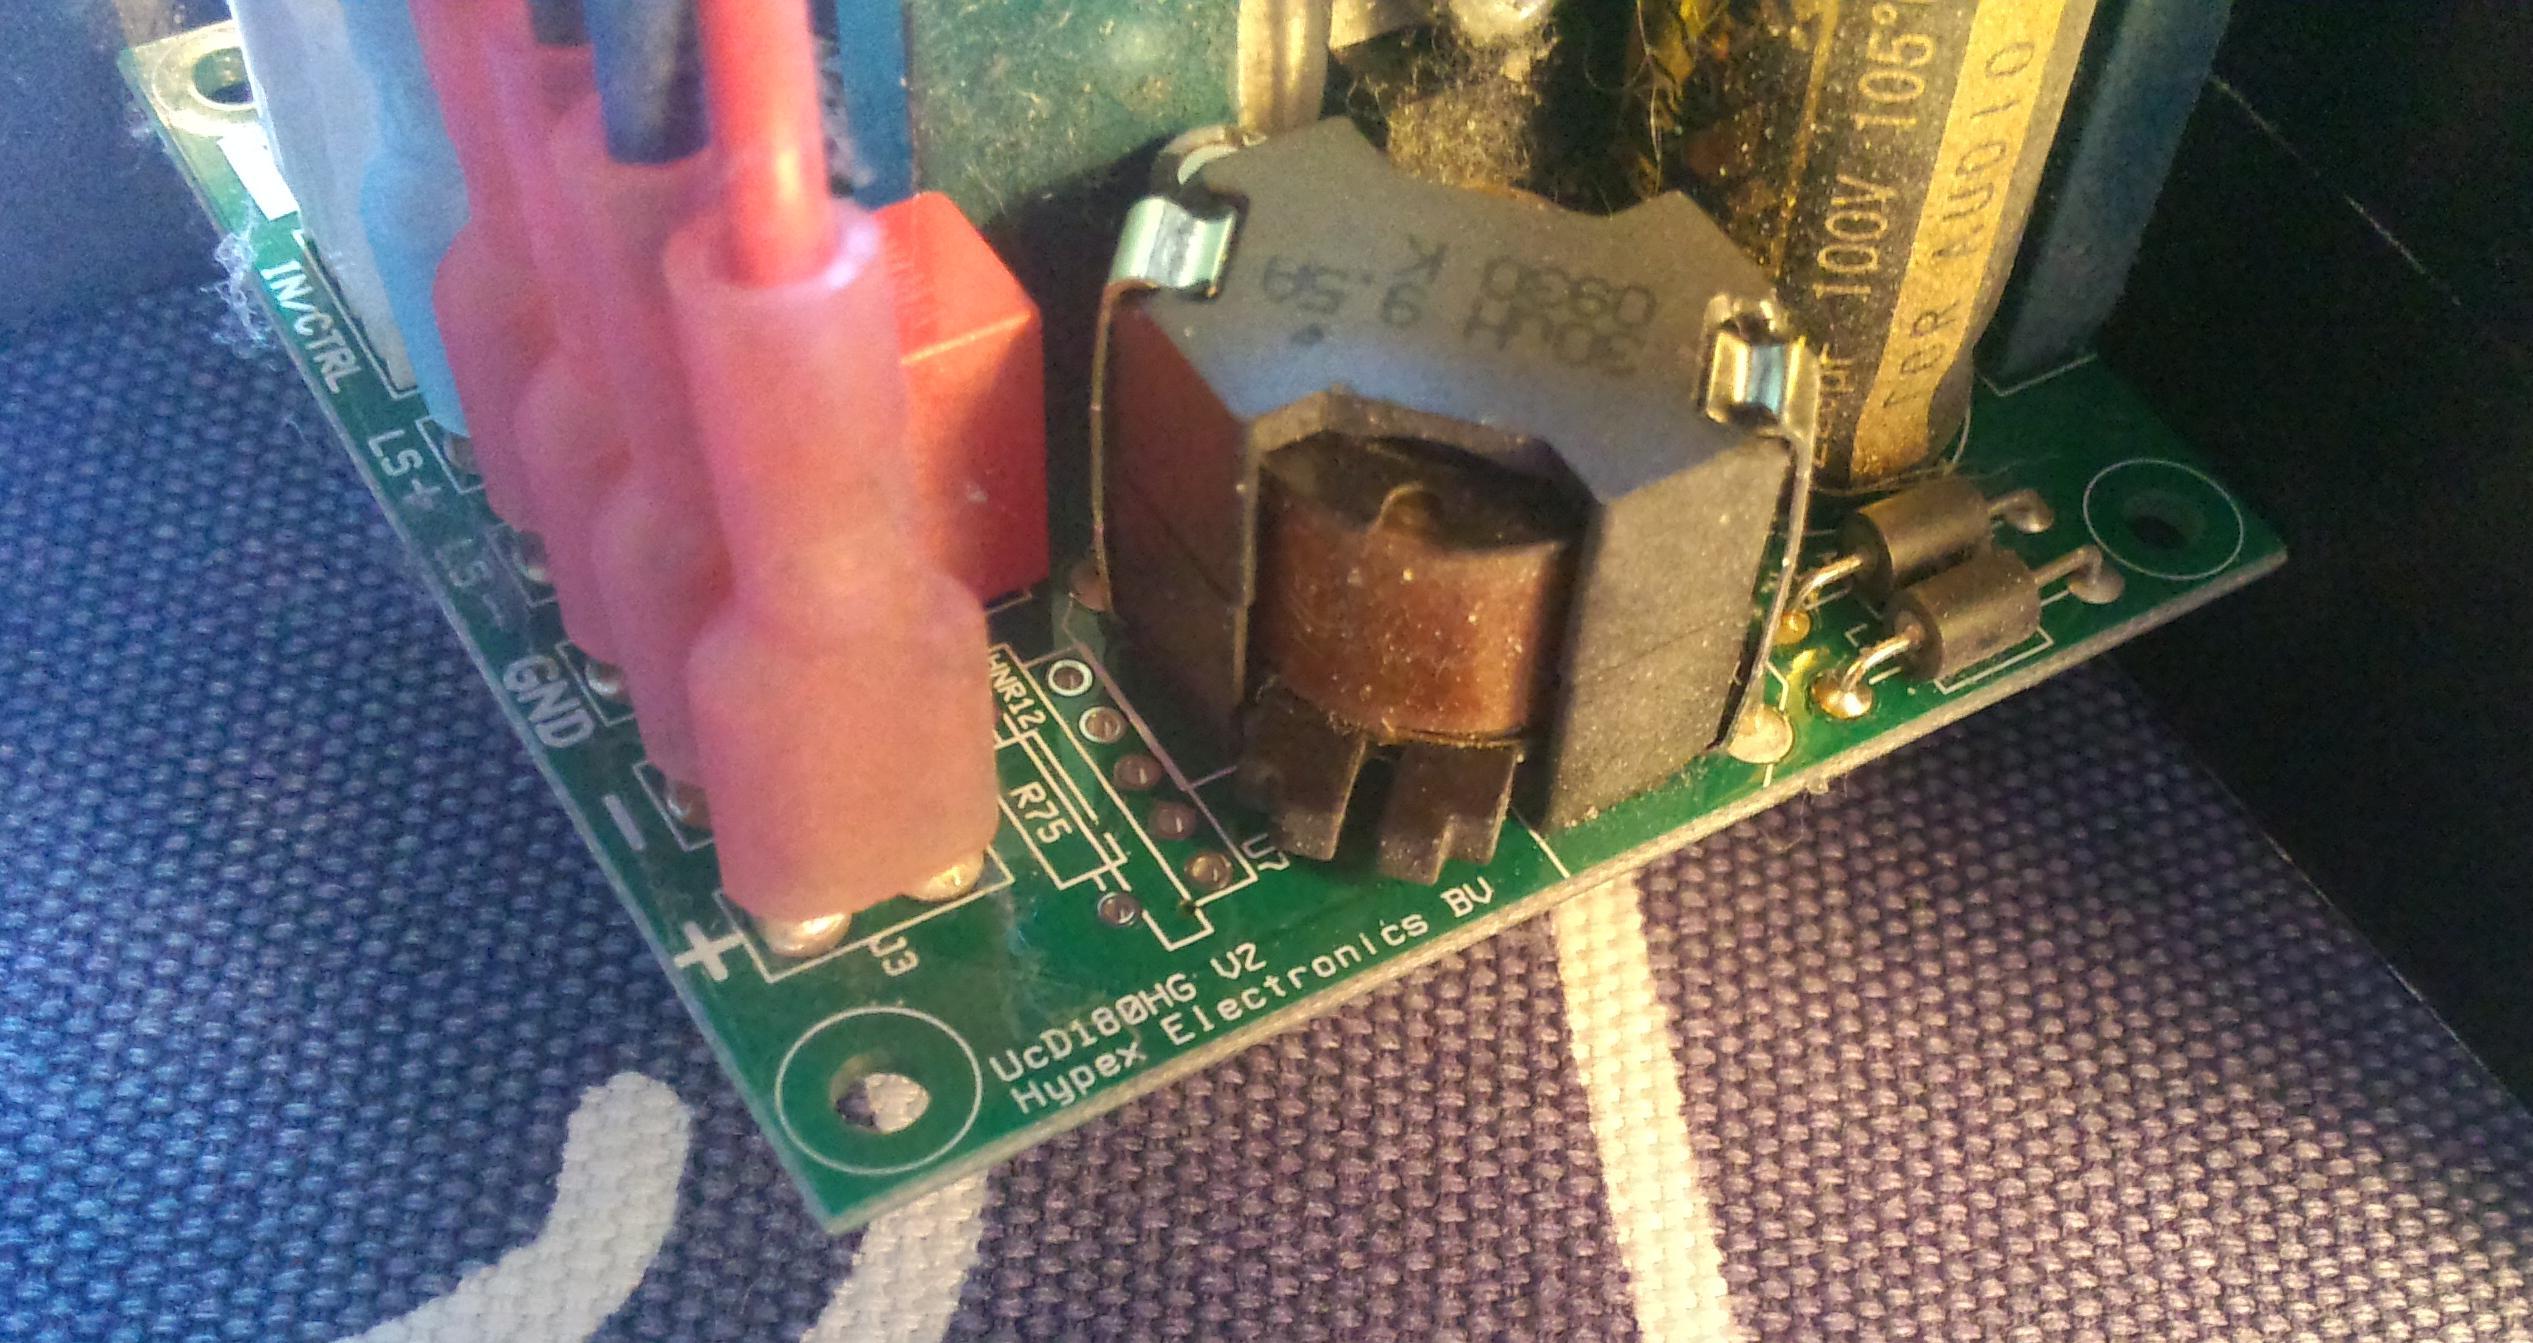 Hypex UCD180 HxR. No sound.-hypex_silkscreen-jpg